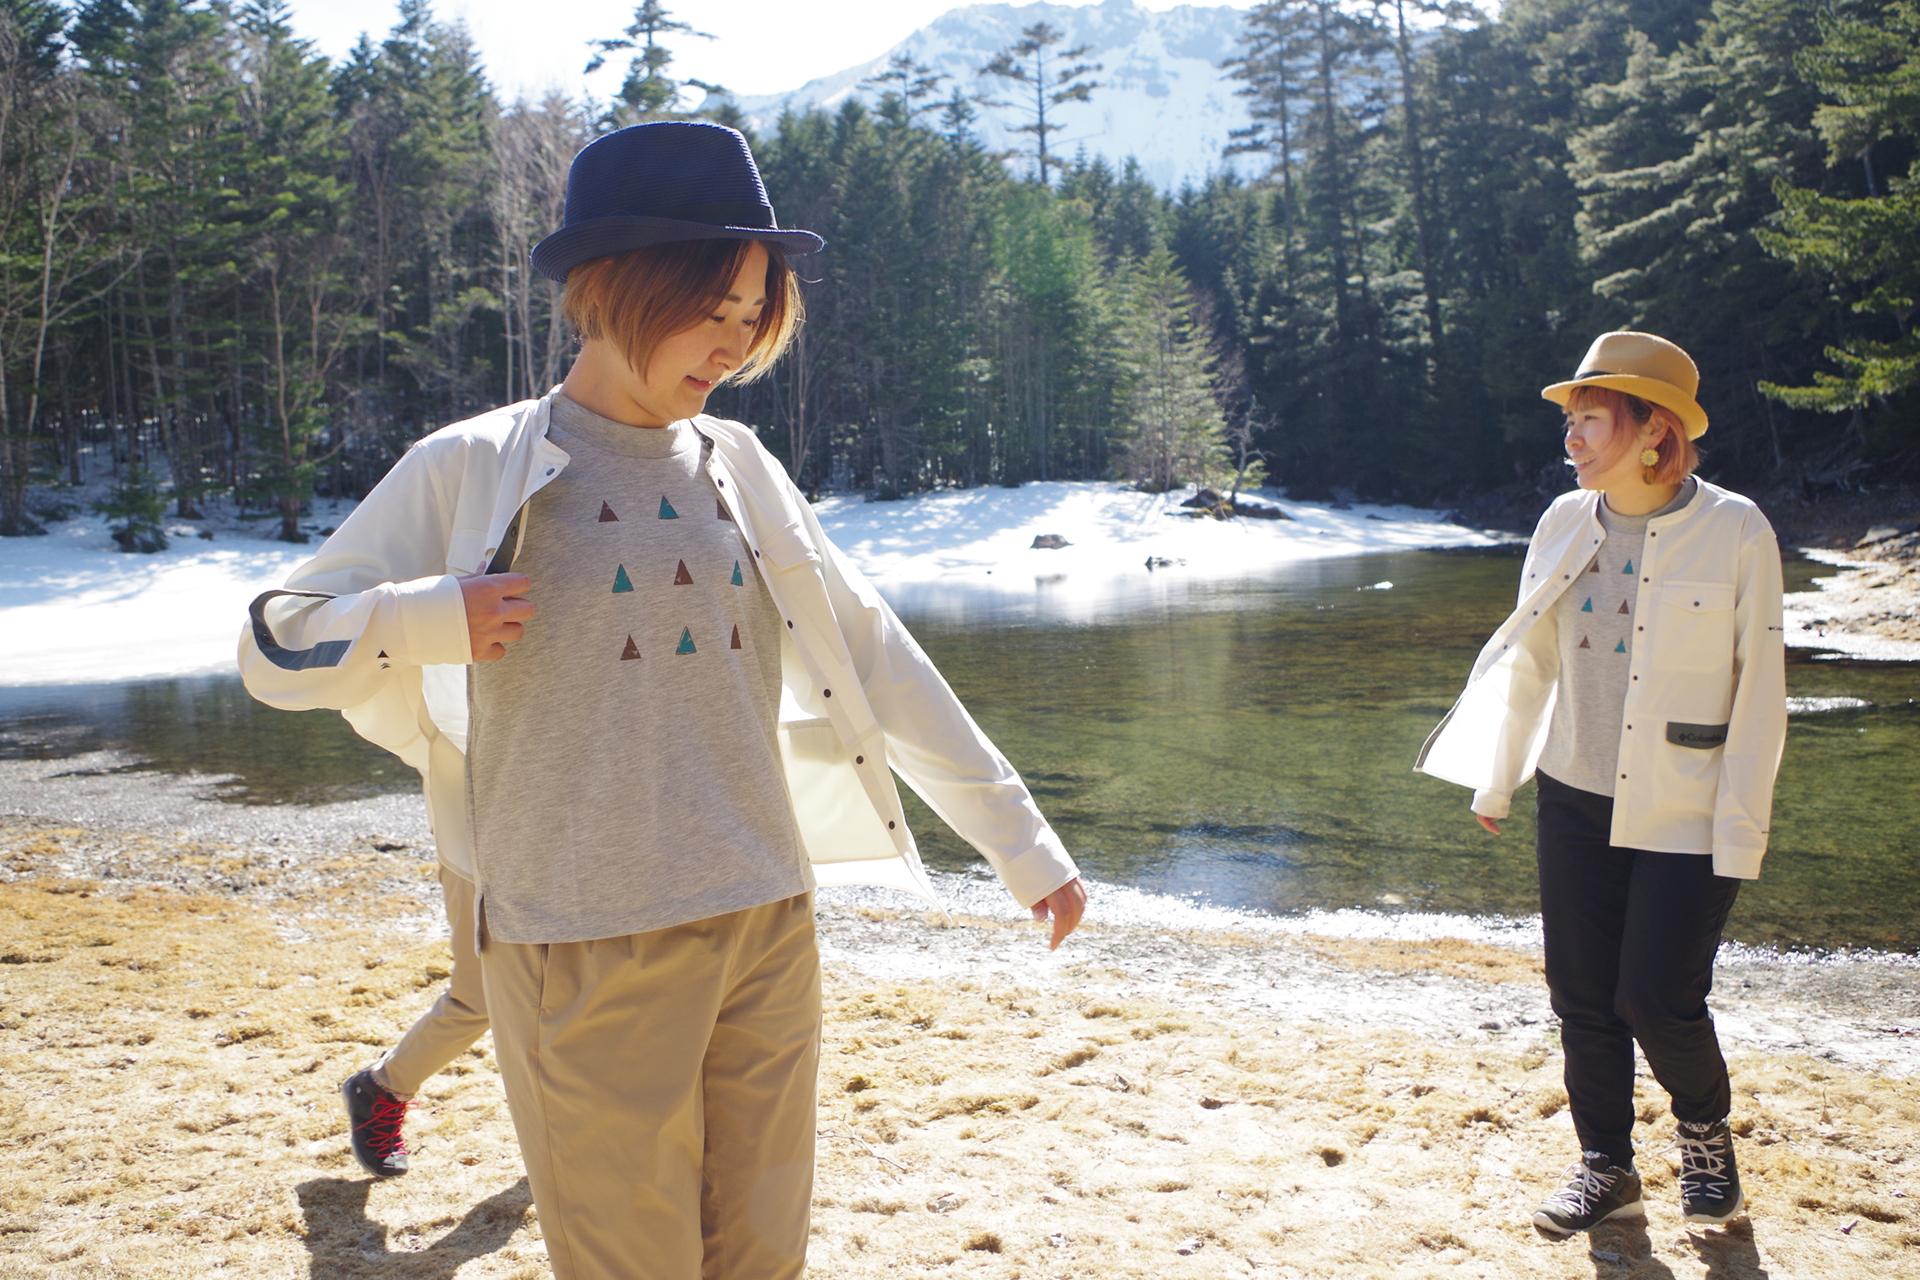 23 山を愛するマンガ家・鈴木ともこさんと行く!北八ヶ岳・しらびそ小屋〜コロナ禍で再発見した魅力とは〜